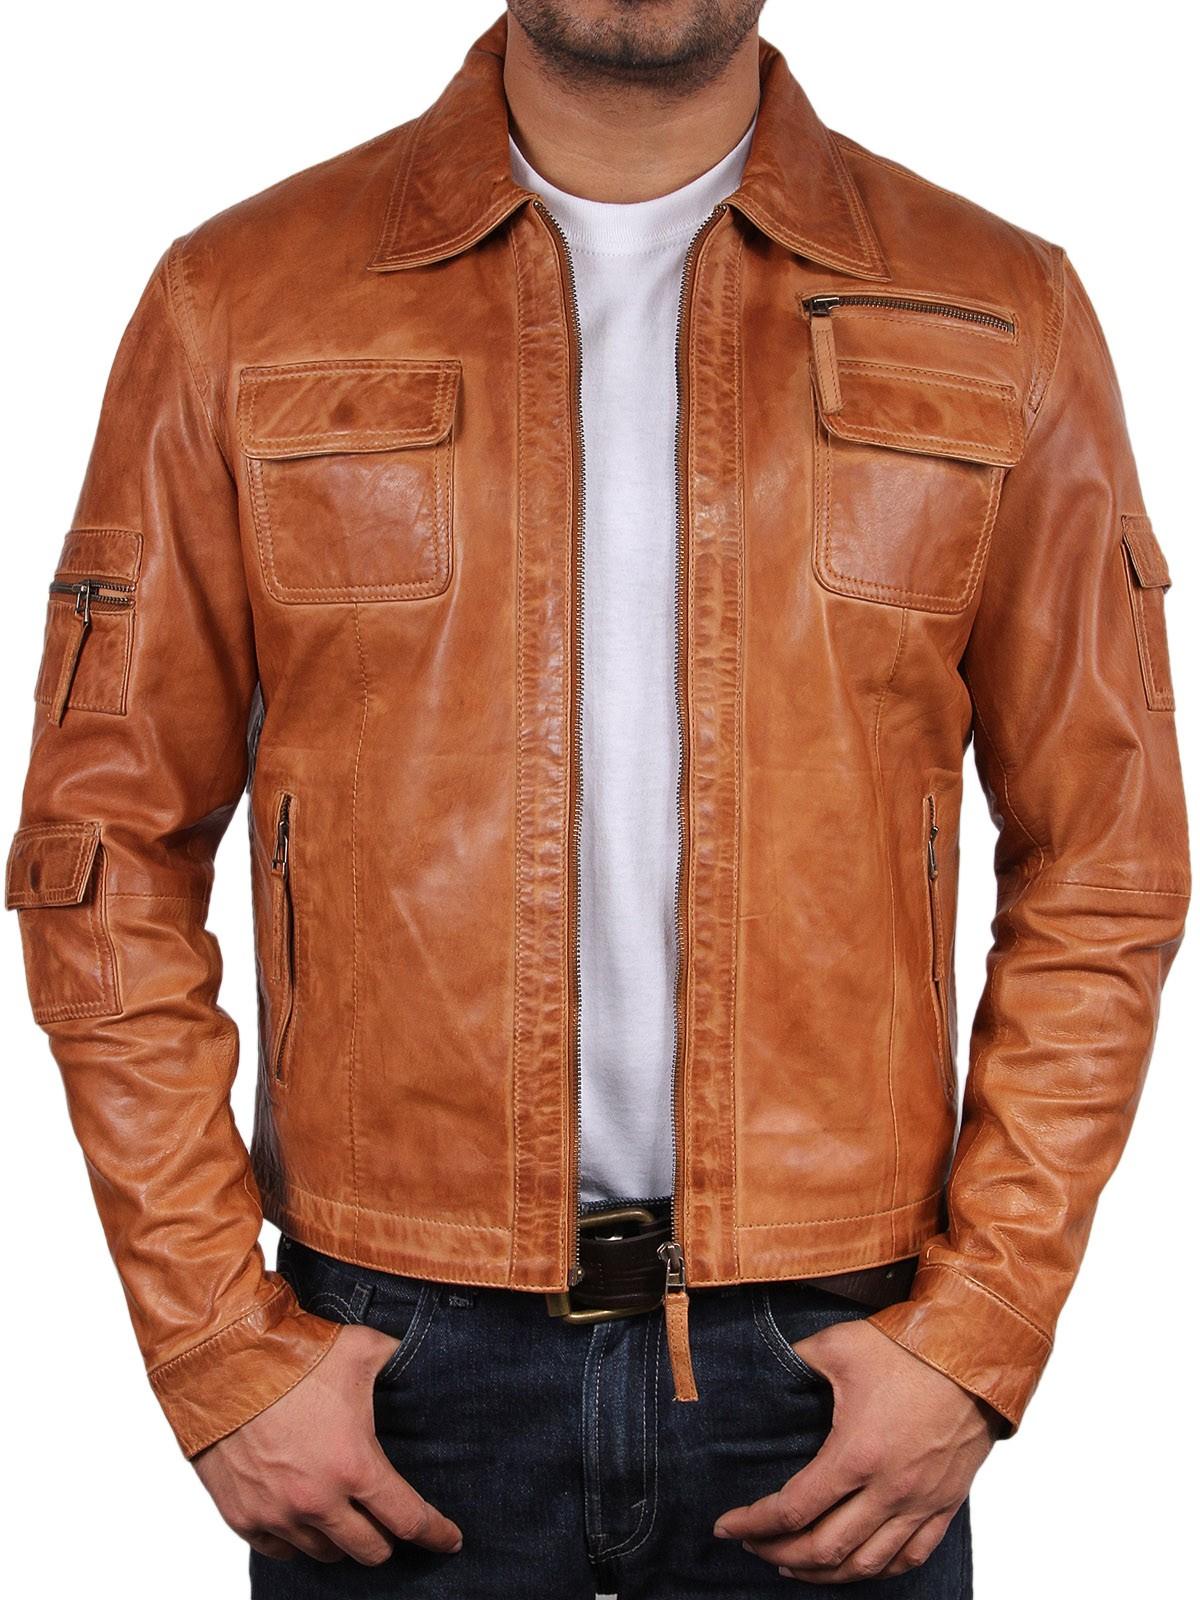 cognac leather jacket mens